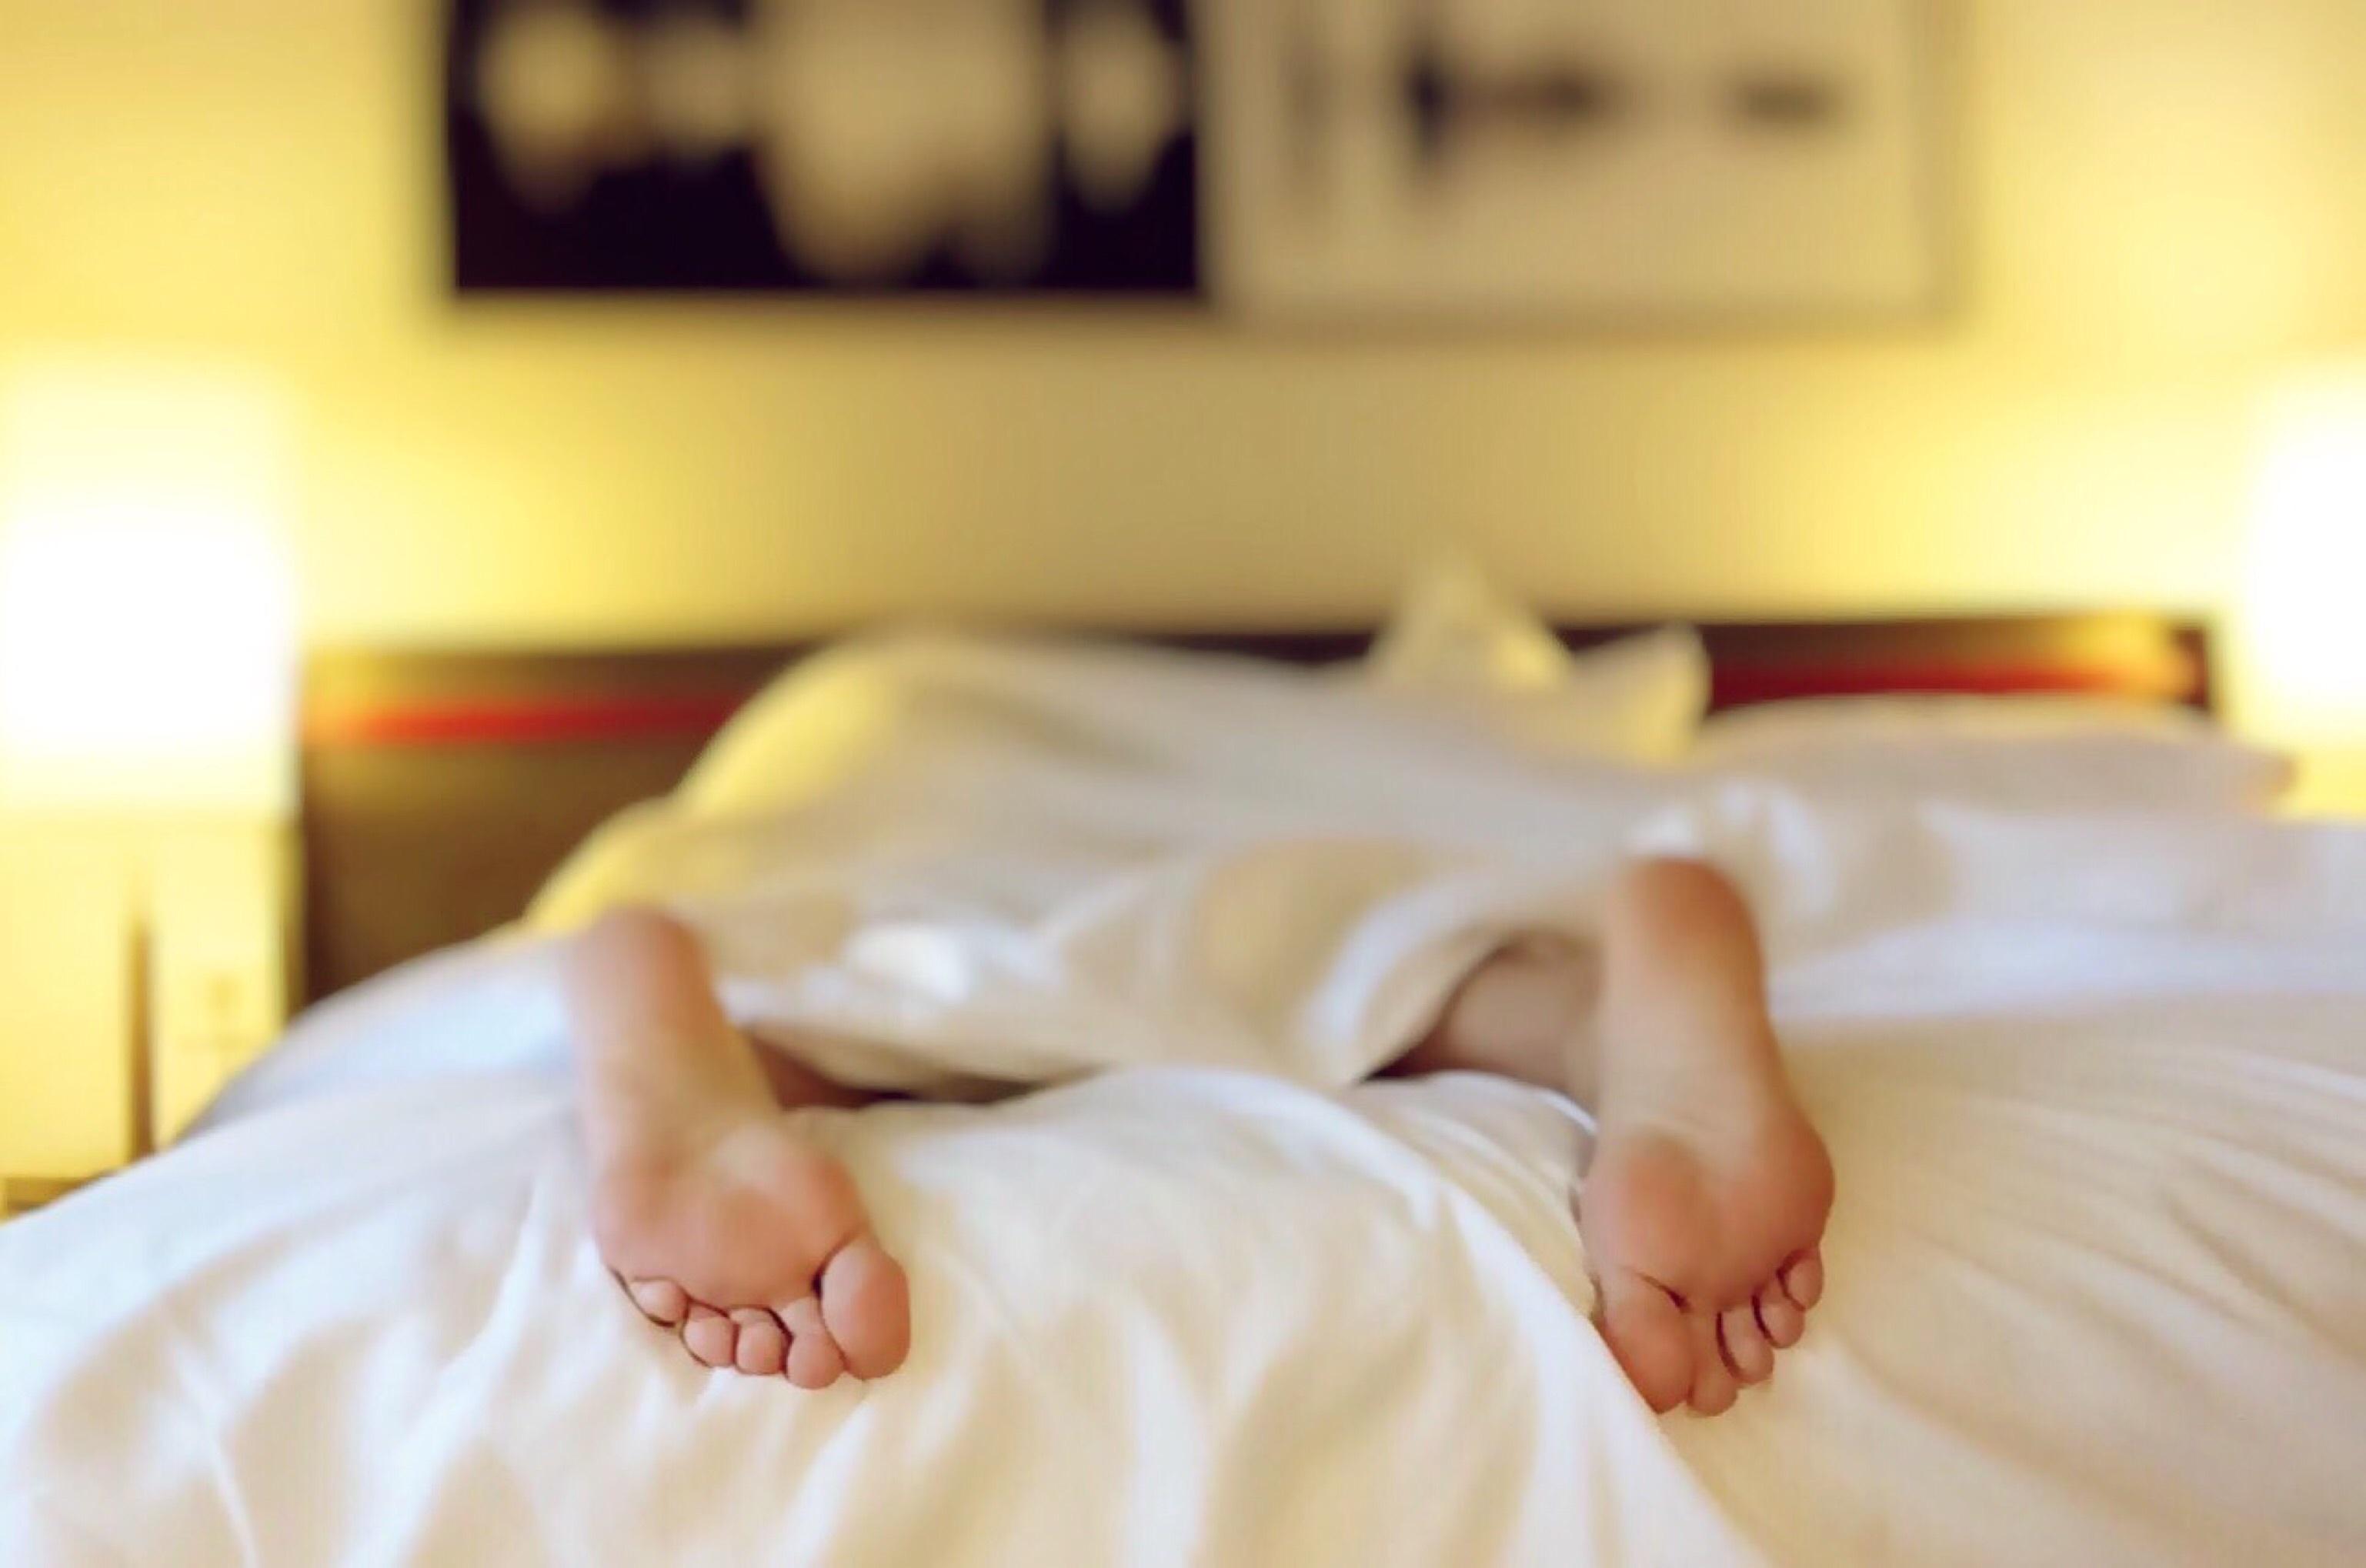 Dormire nudi? Ecco tutti i benefici che non ti aspettavi Benessere